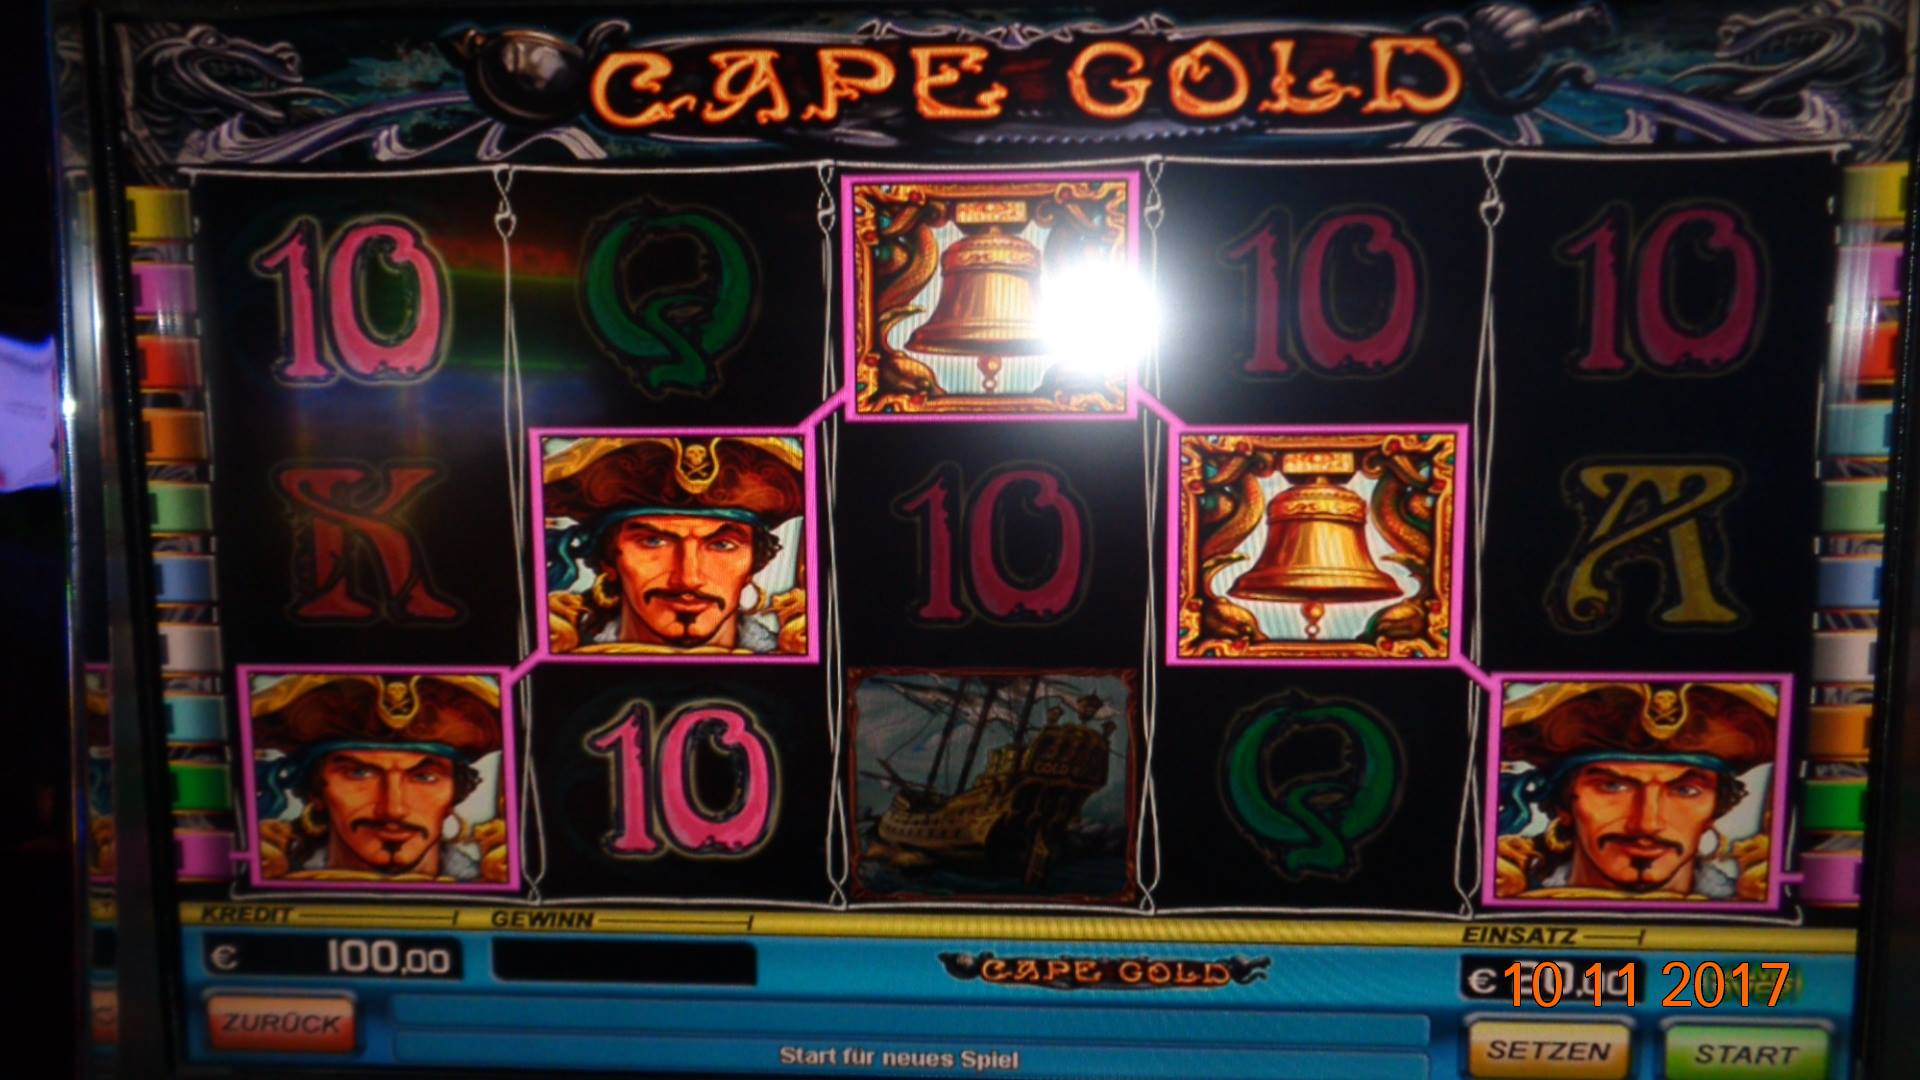 Casino Euro gewonnen Yggdrasils -811995